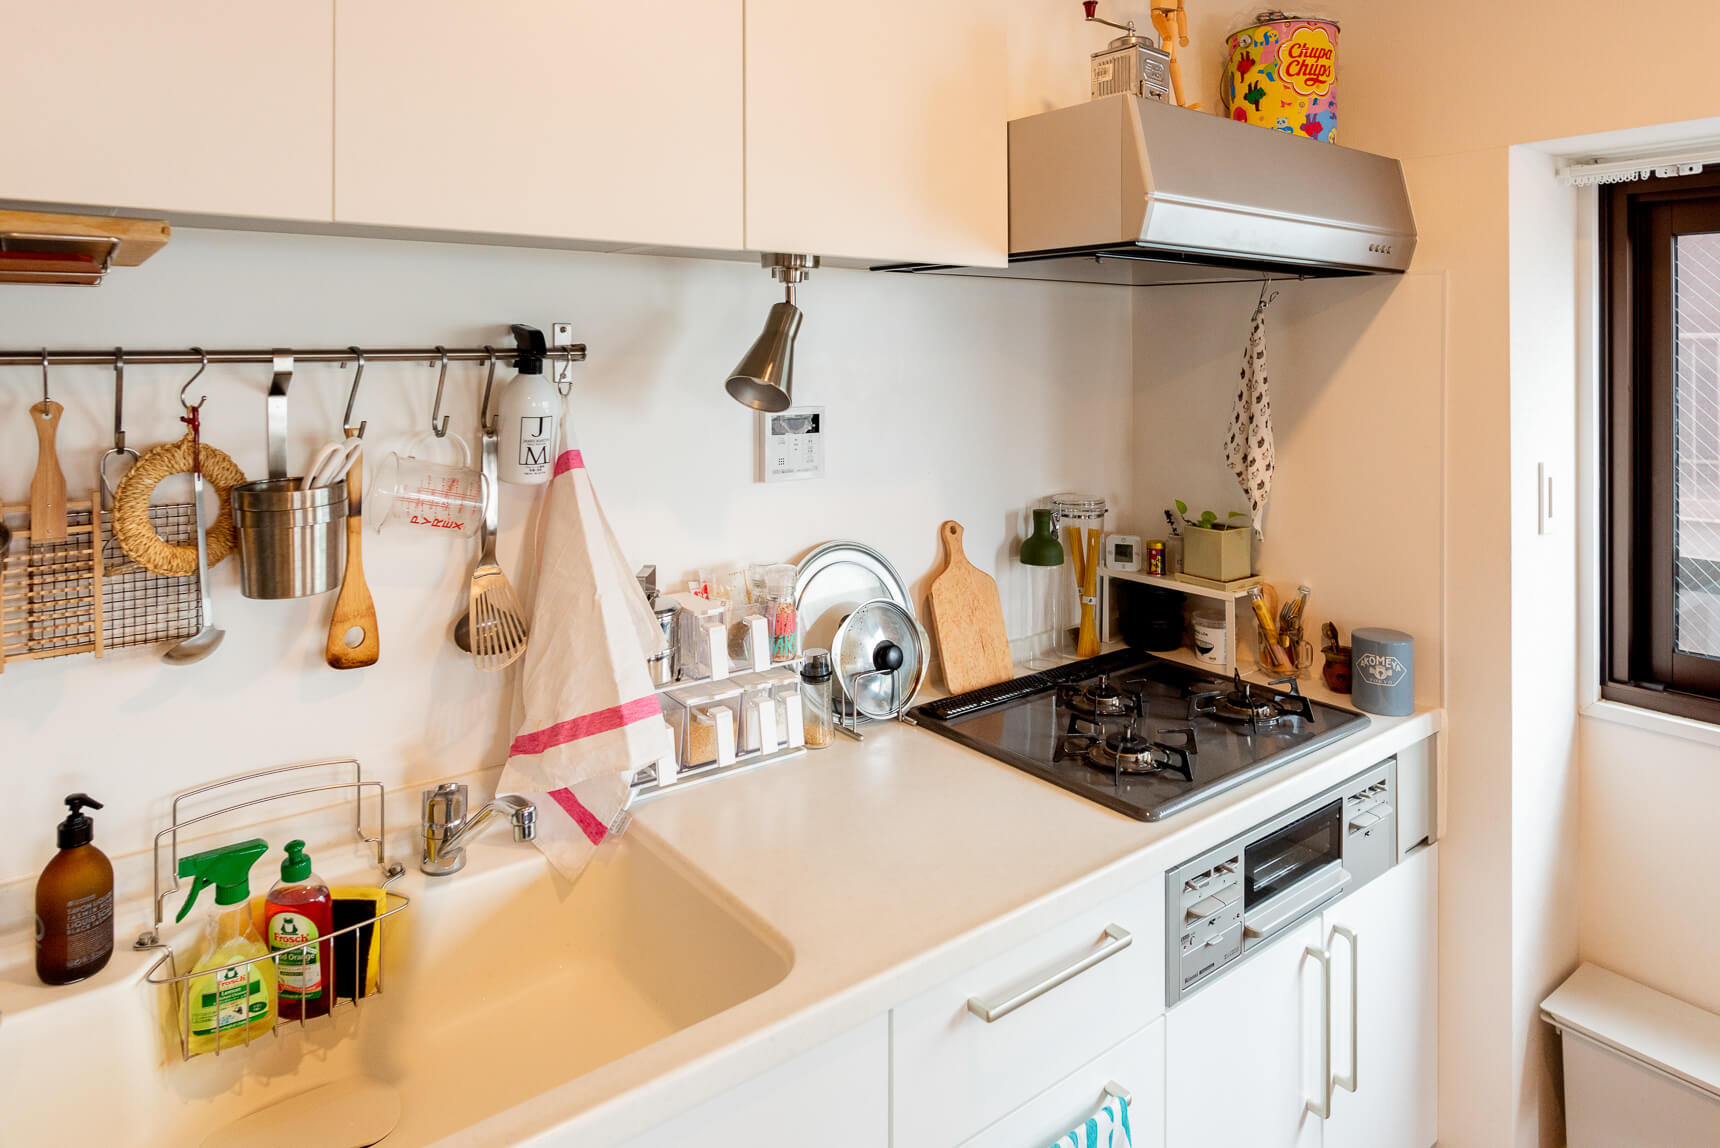 白いキッチンが気に入った、というのは他のgoodroomの部屋でもたびたびきく話。ぼくも見るたびにいいなー、って思う。